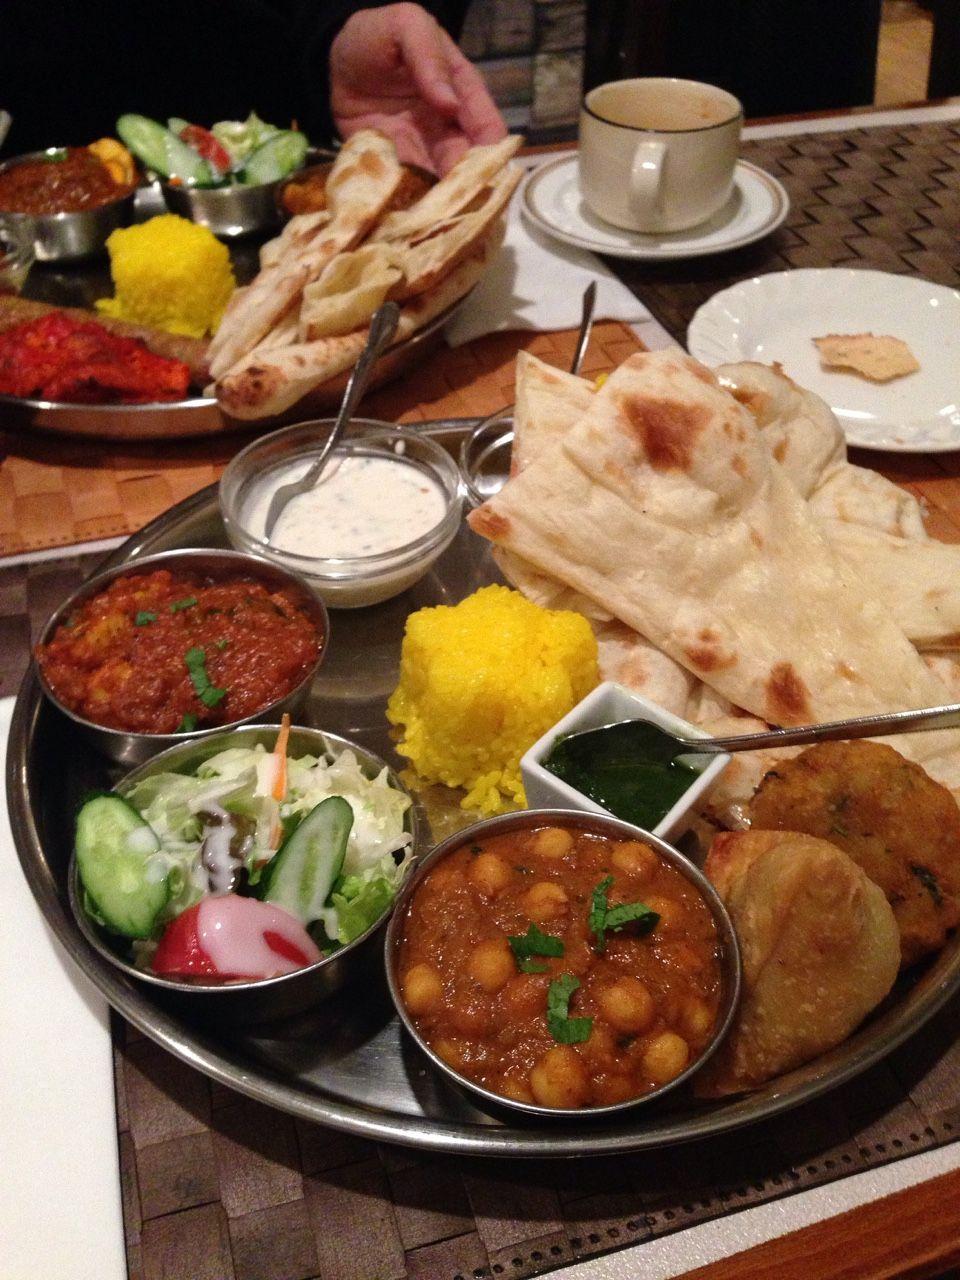 カレー屋さんのご馳走 // Curry feast